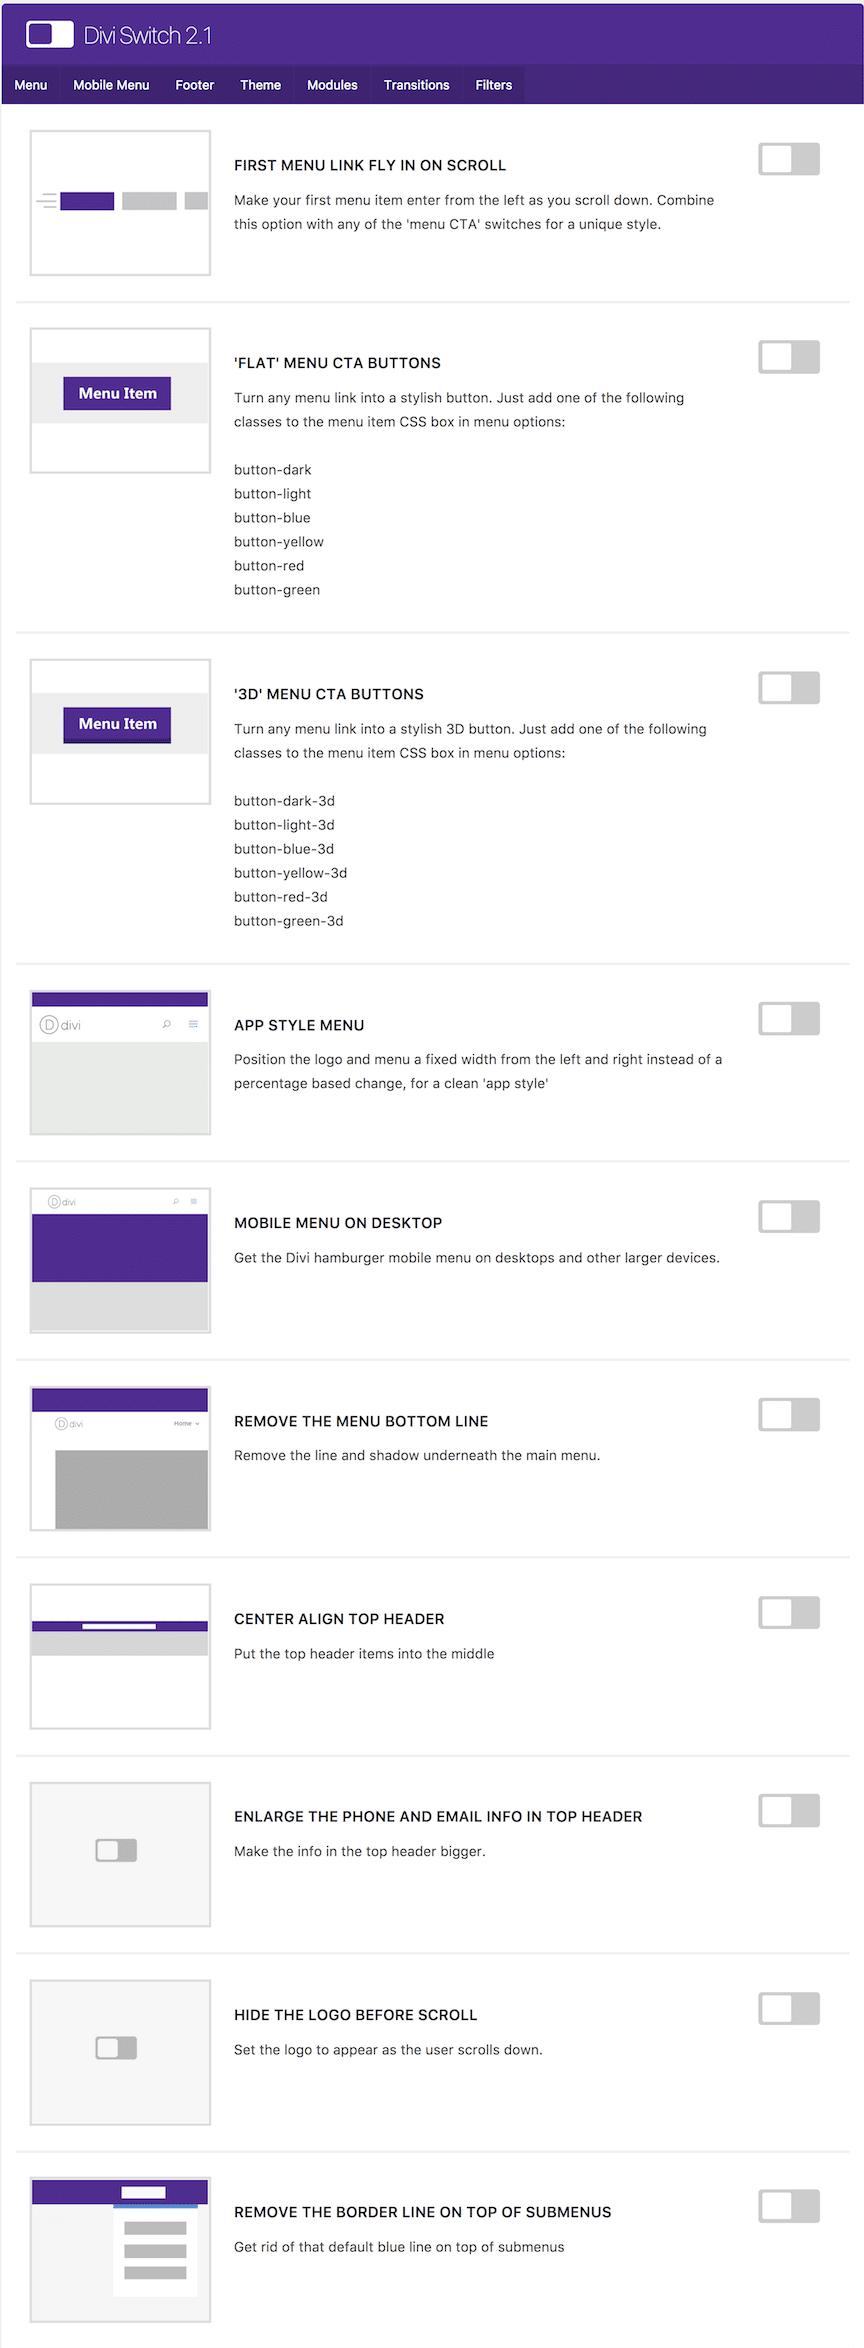 Divi Switch: options, fonctionnalités et utilité - Divi